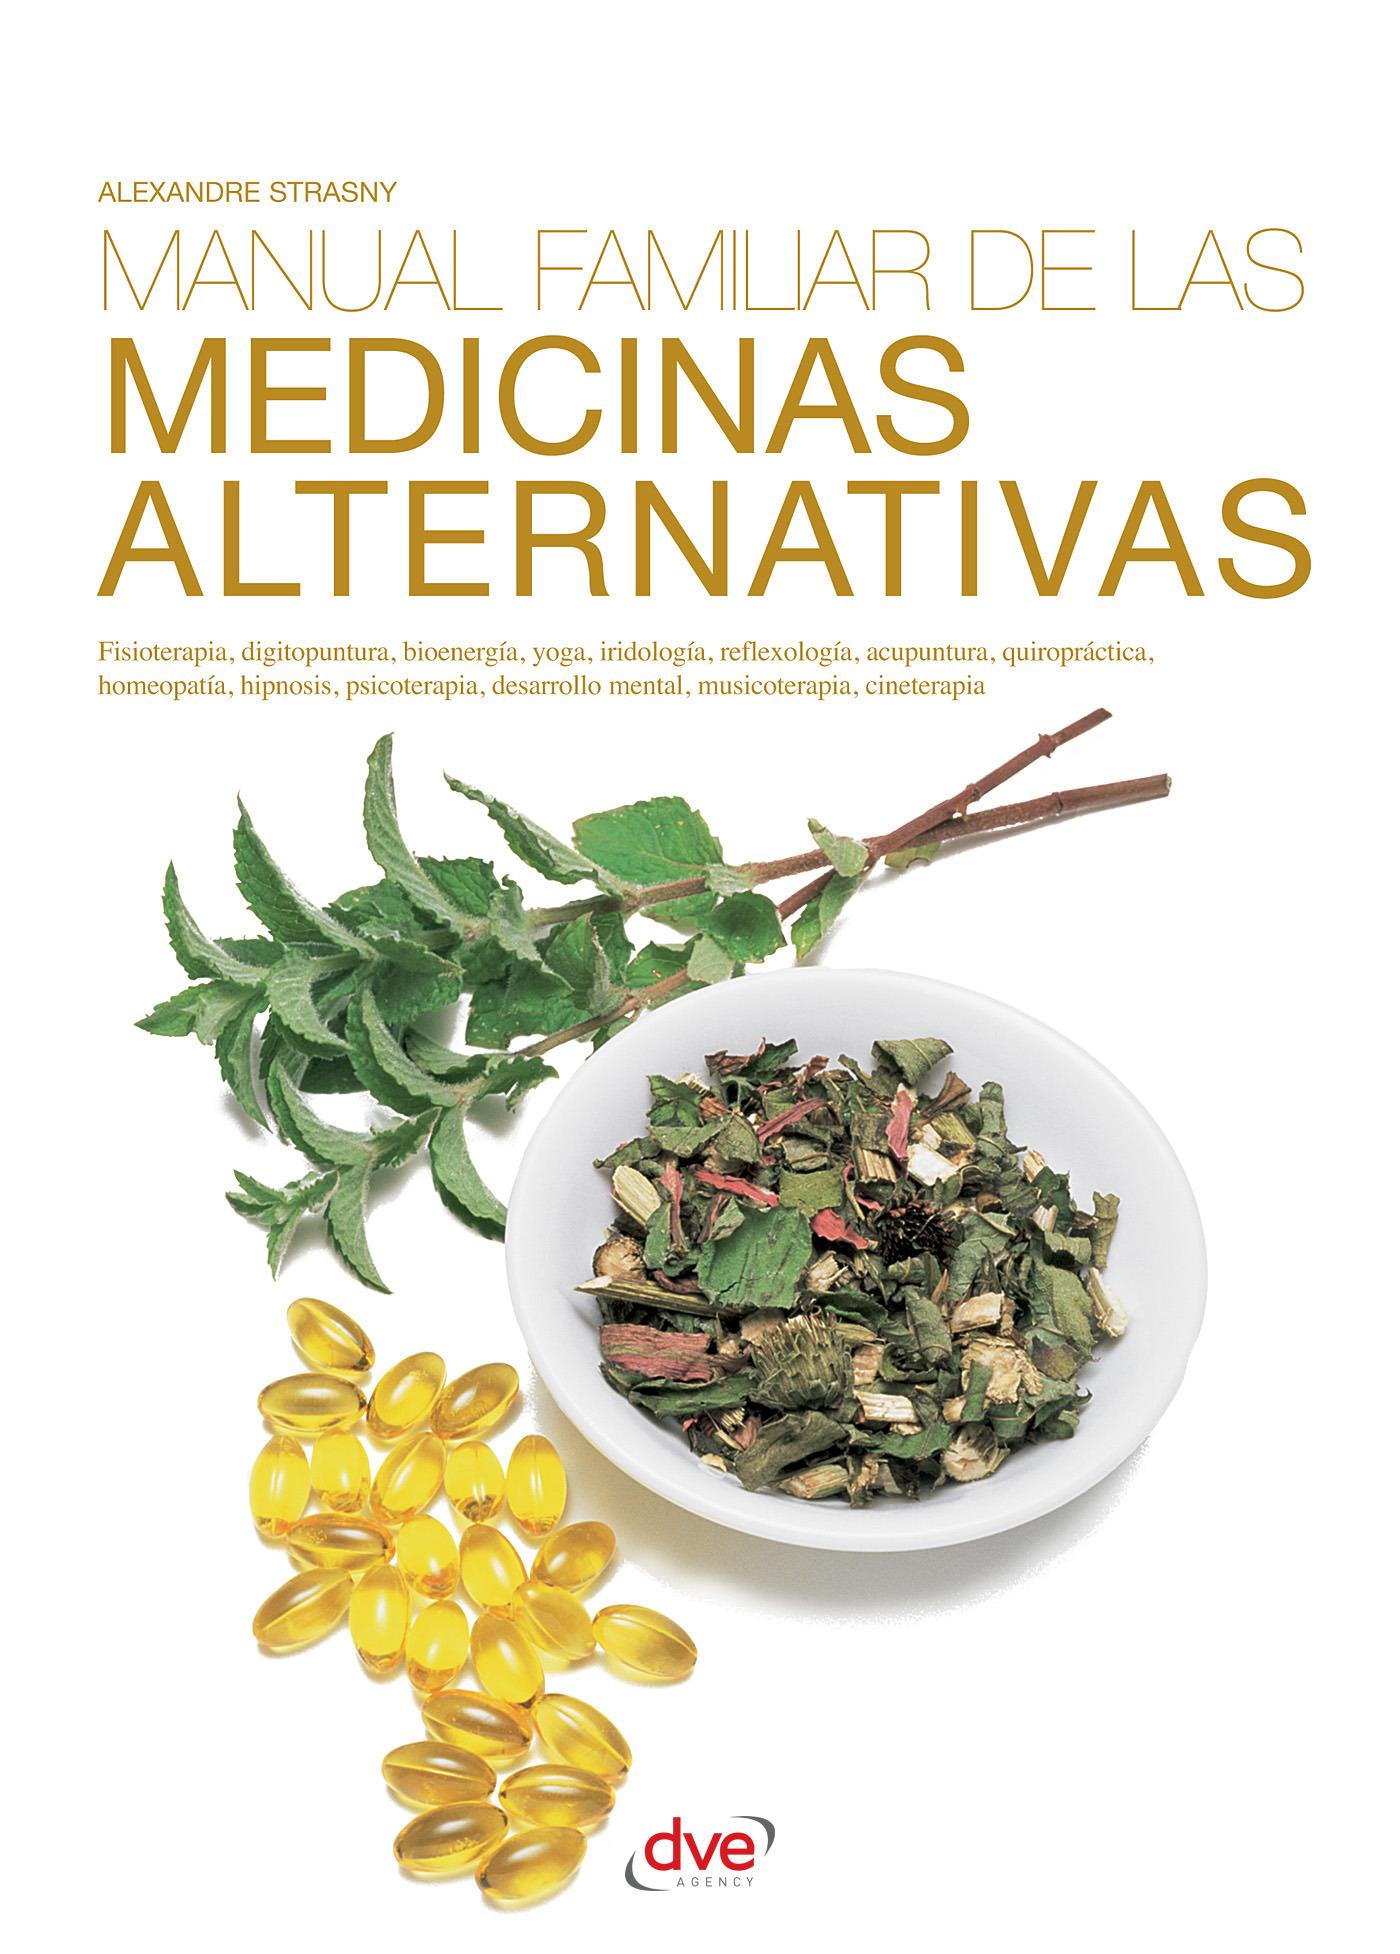 Strasny, Alexandre Dr. - Manual familiar de las medicinas alternativas, ebook